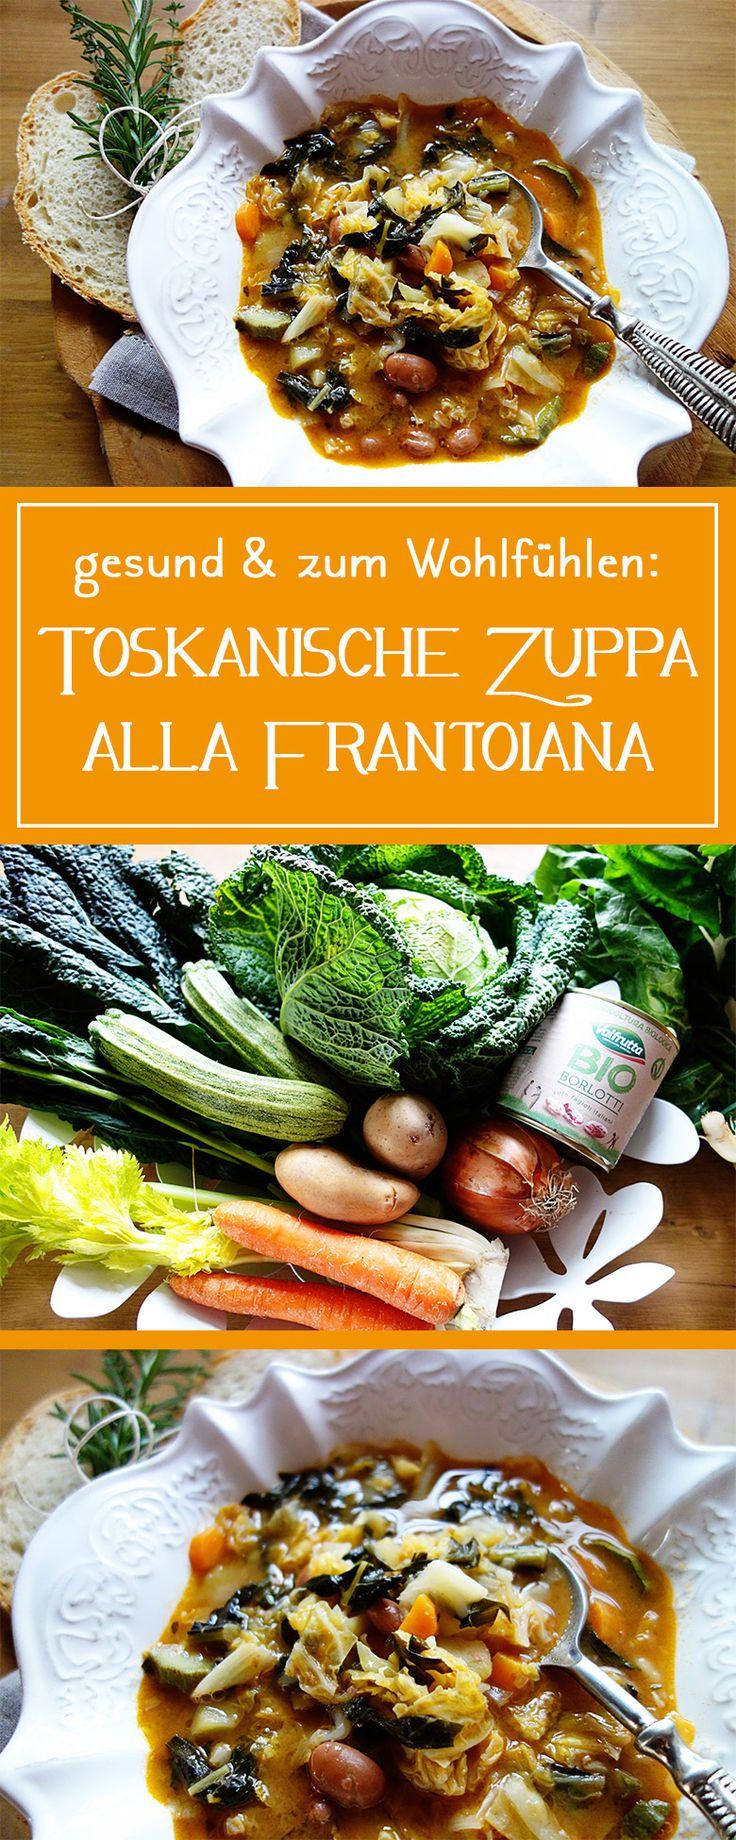 Toskanische Suppe alla Frantoiana - viel frisches Gemüse, herrlich cremig & dabei auch noch gesund & vegetarisch: das ideale Suppenrezept für kalte Tage!  | cucina-con-amore.de